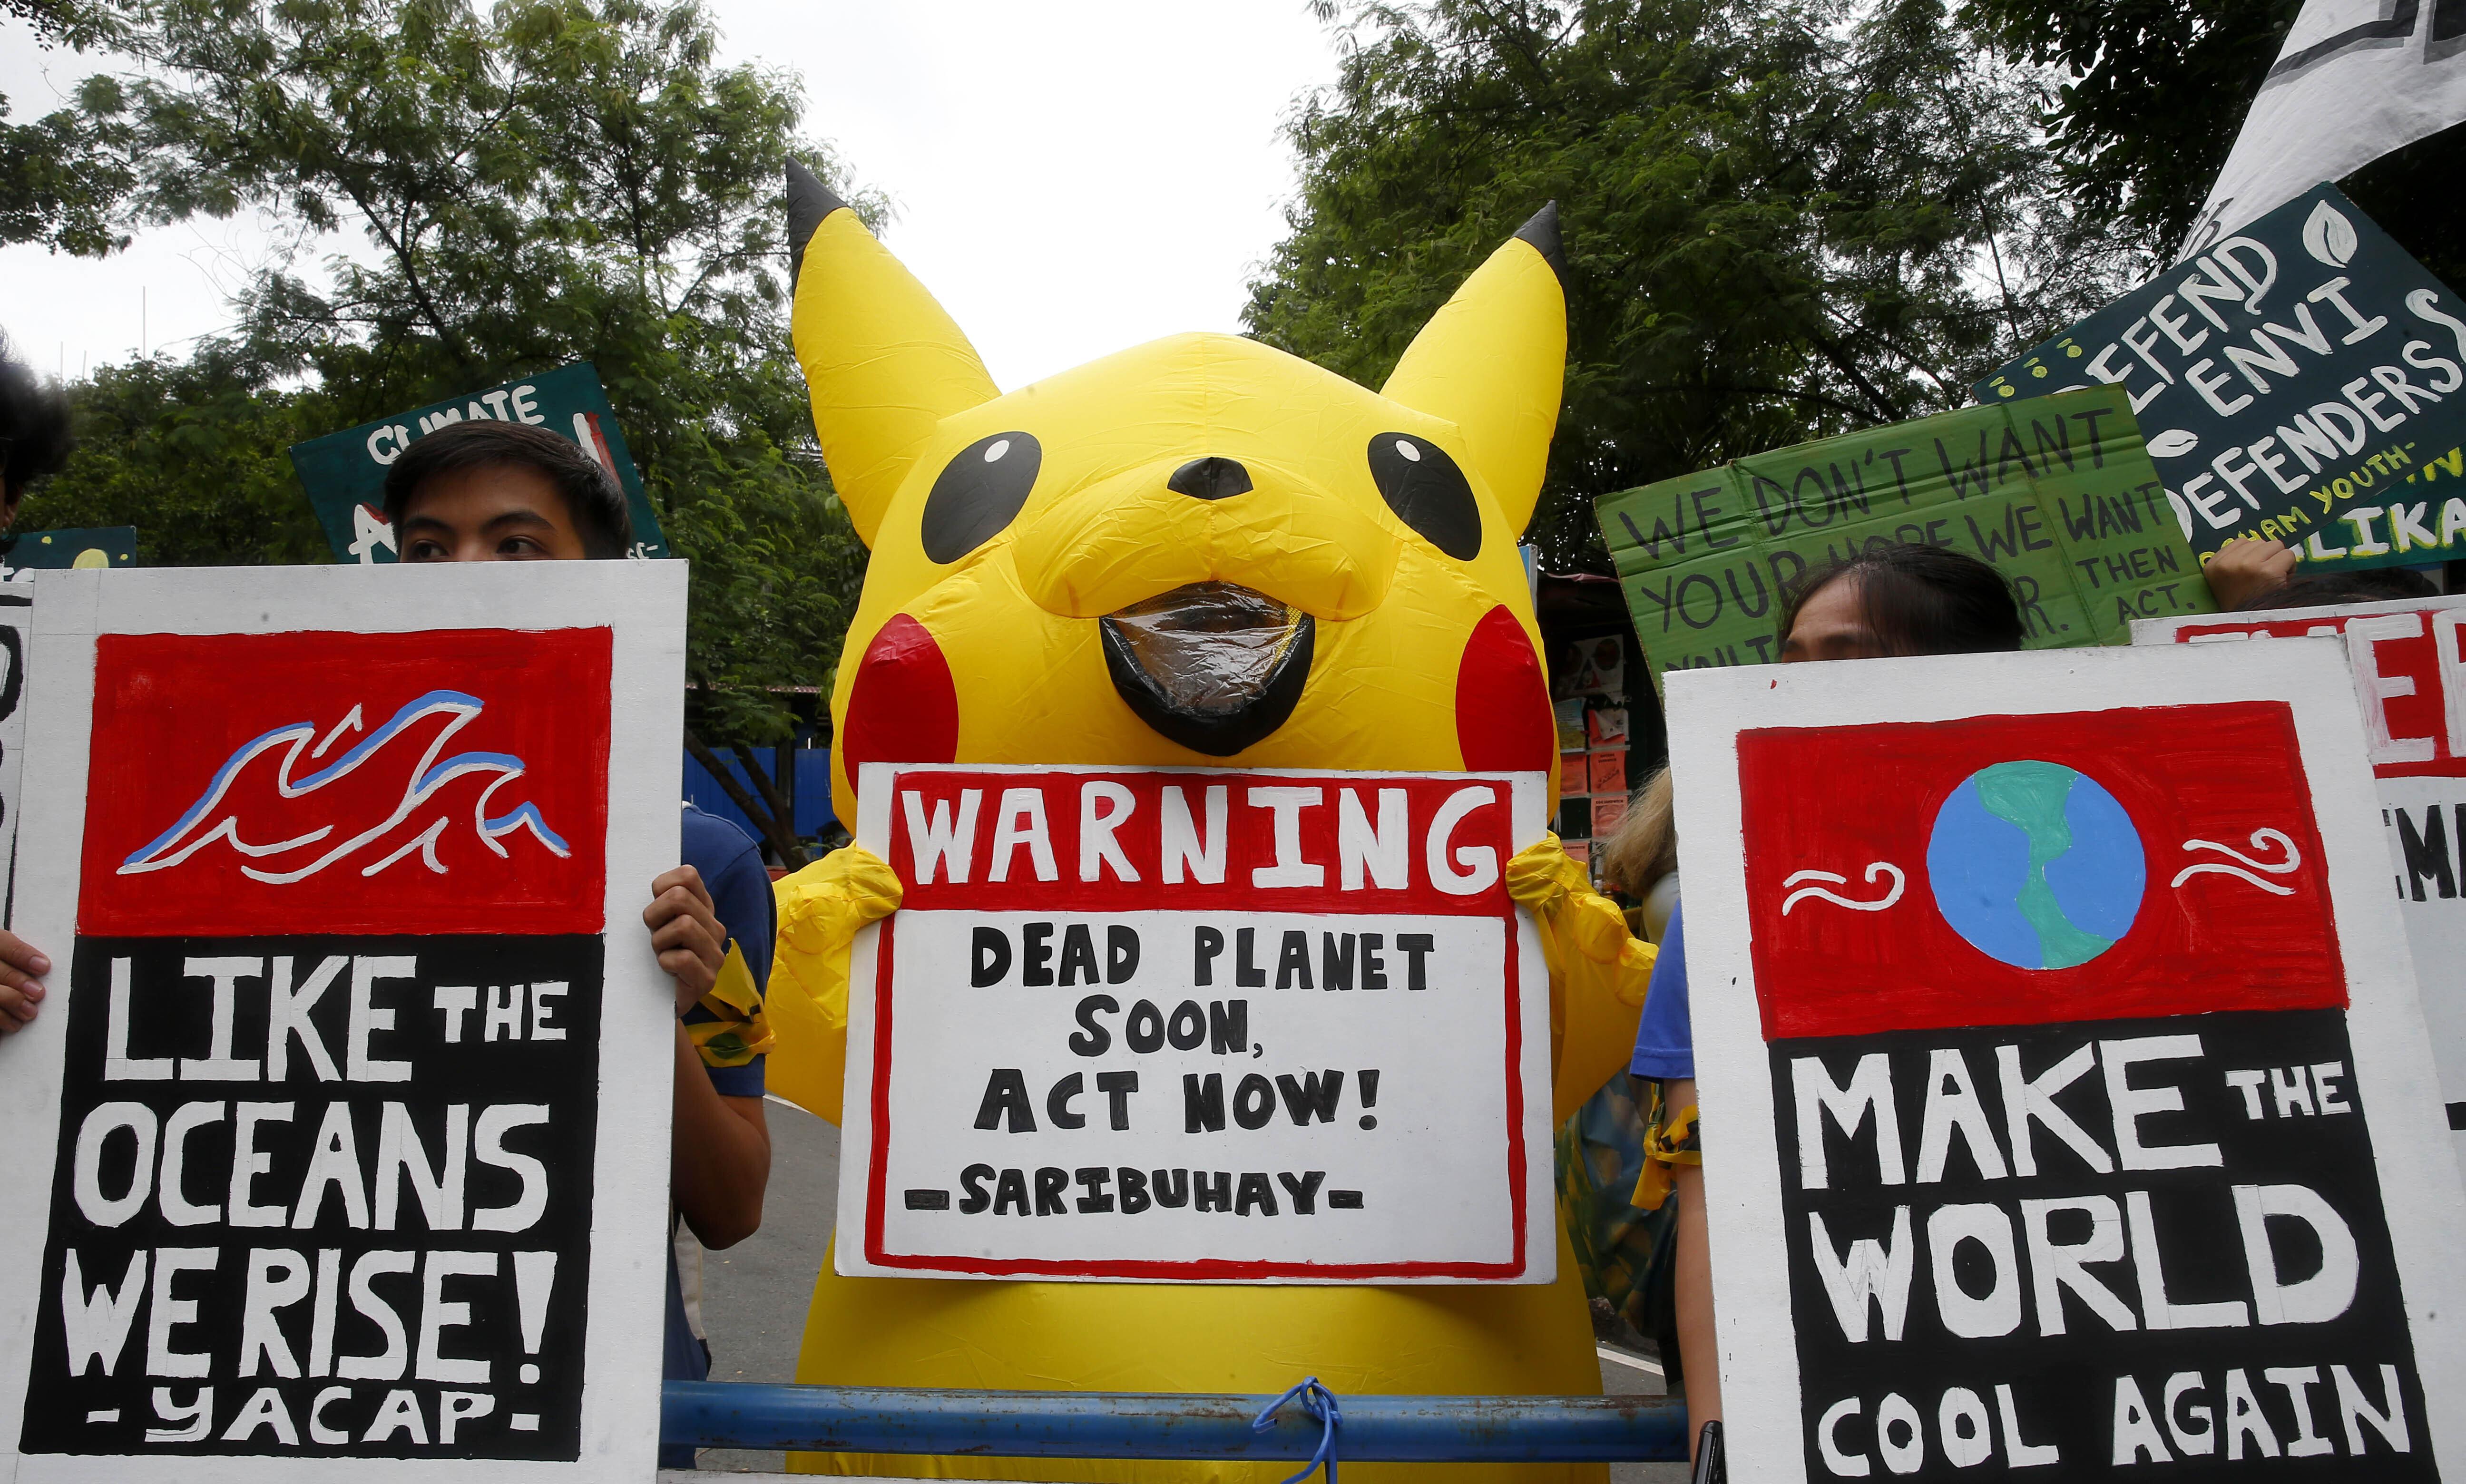 A világ gazdasága akkor szívja meg a legjobban, ha semmit nem teszünk a klímaváltozással szemben